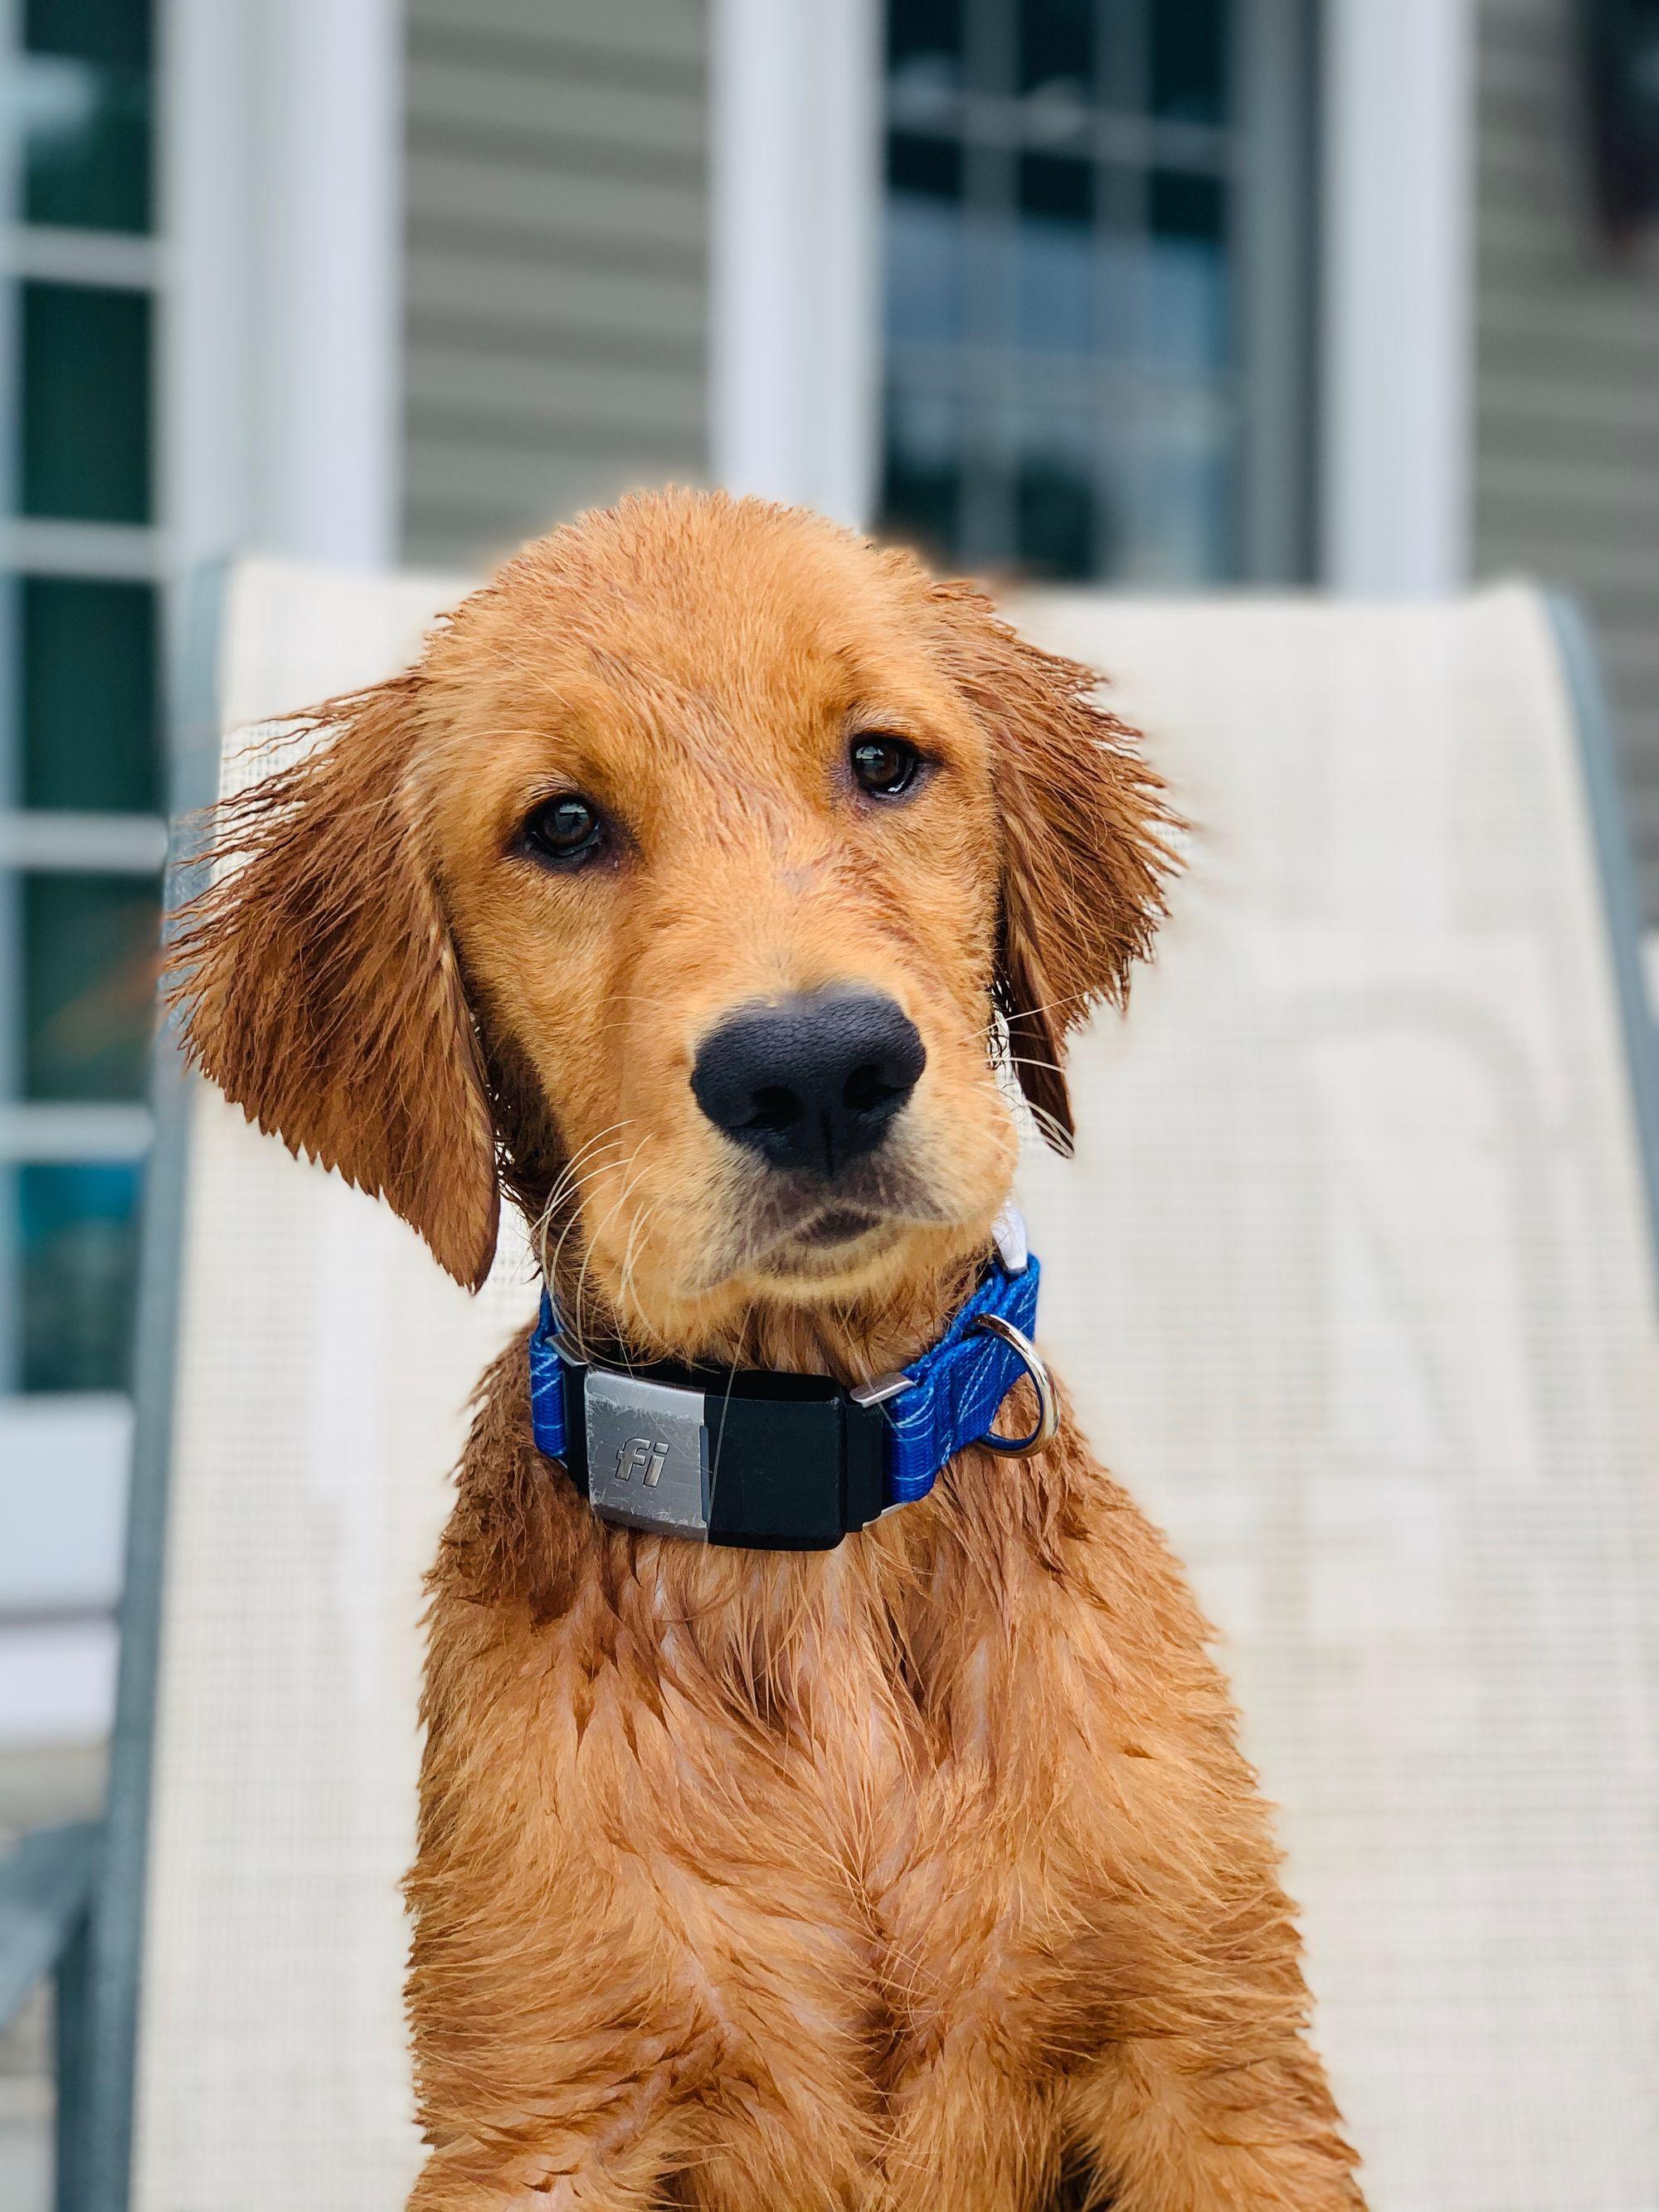 When Will My Puppy Calm Down?